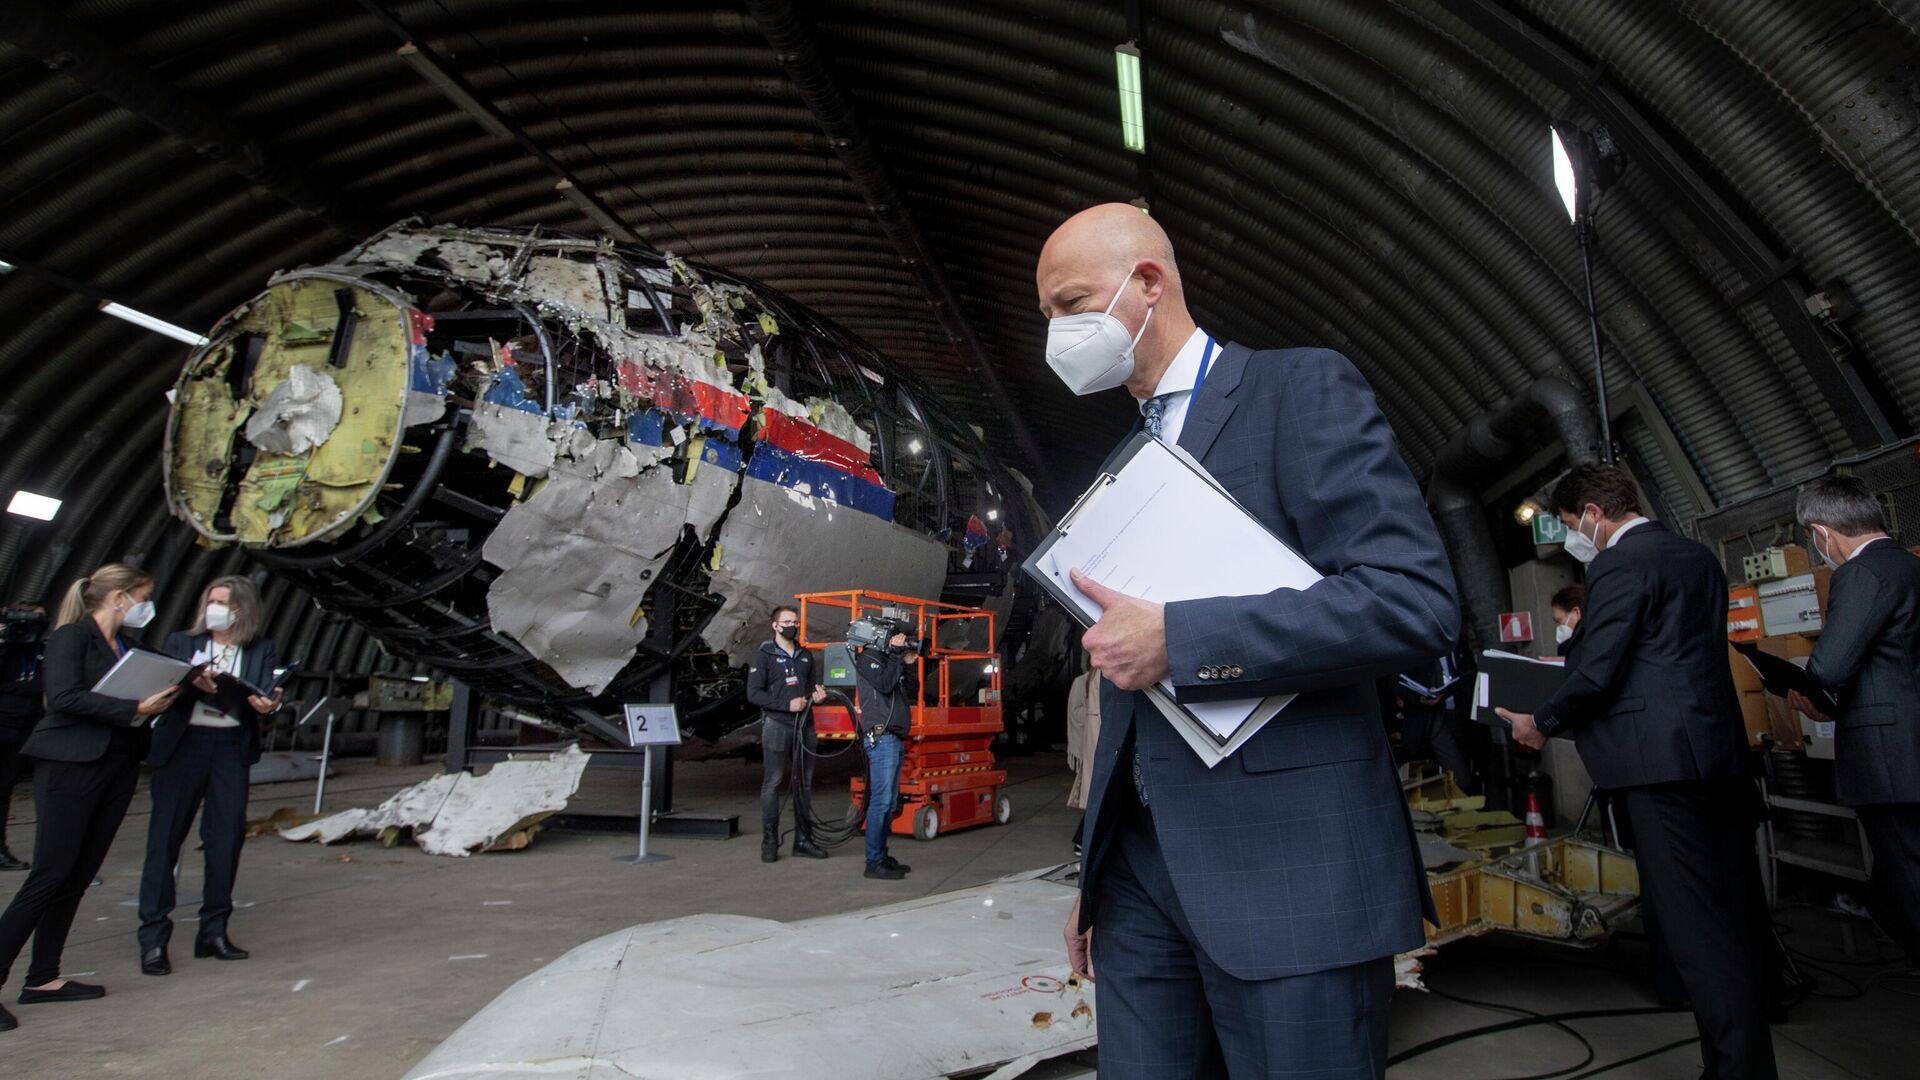 Председательствующий судья Хендрик Стинхейс осматривает обломки рейса MH17 авиакомпании Malaysia Airlines на авиабазе Гильзе-Рейен, Нидерланды - РИА Новости, 1920, 07.09.2021